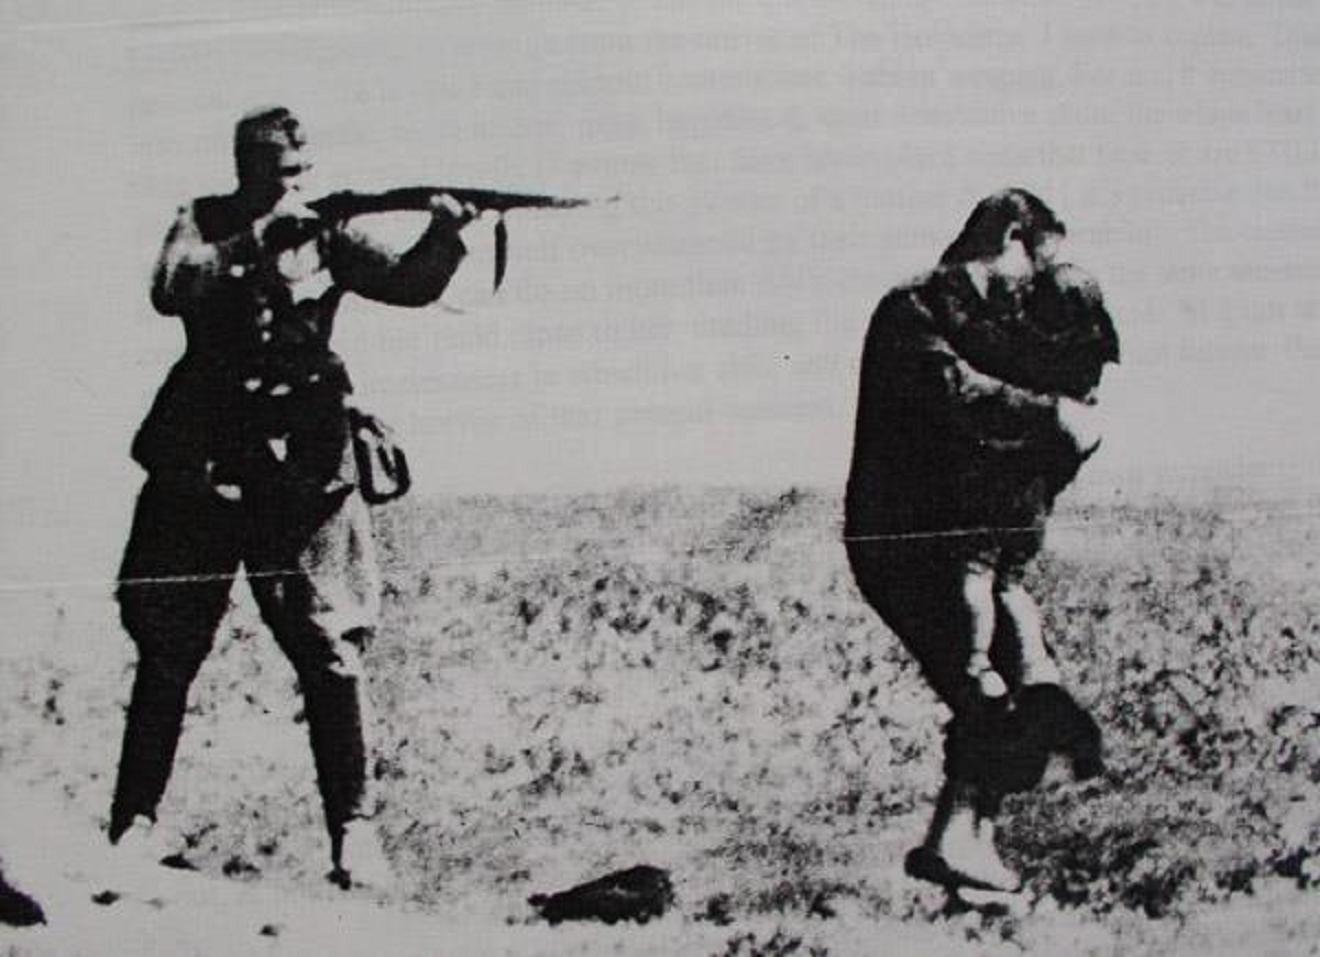 Ἐπί τέλους θά διεκδικήσουμε ὥς χώρα τίς γερμανικές ἀποζημιώσεις;1